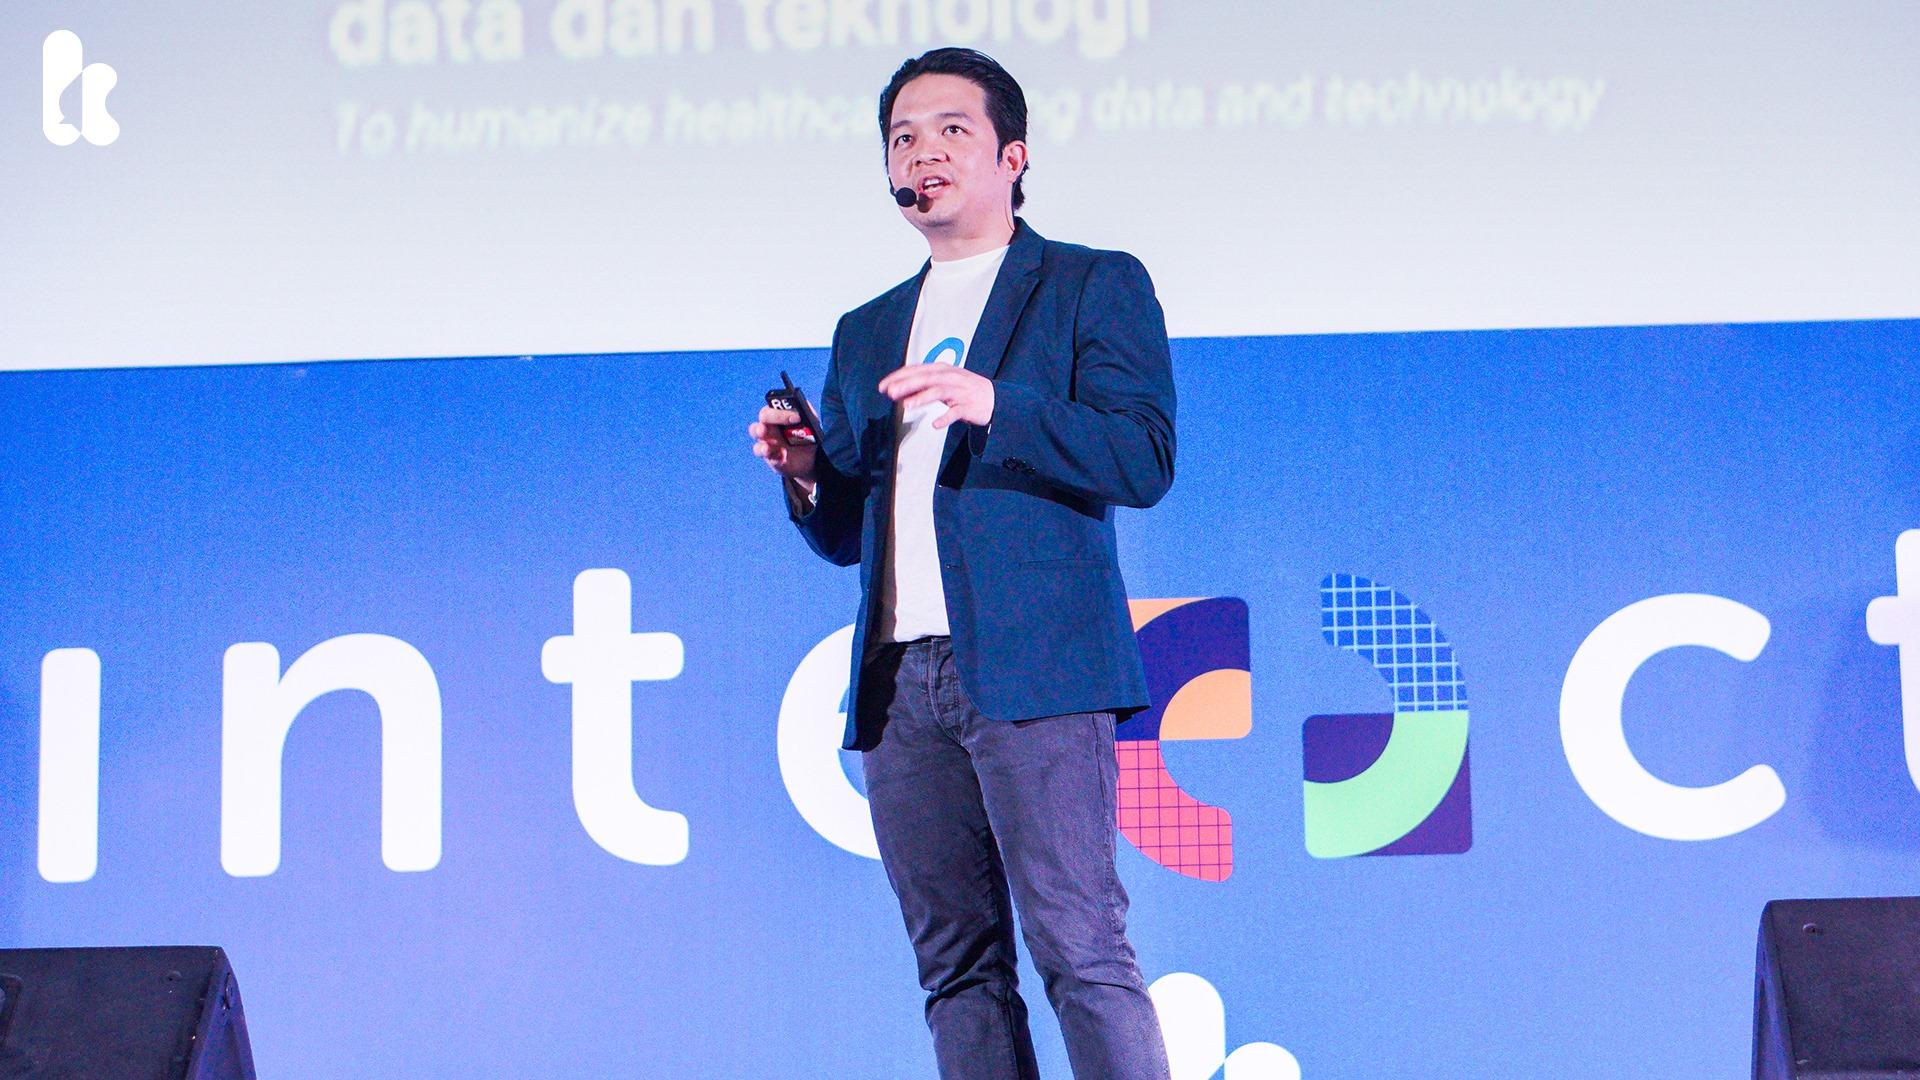 James Roring of Prixa at INTERACT 2019